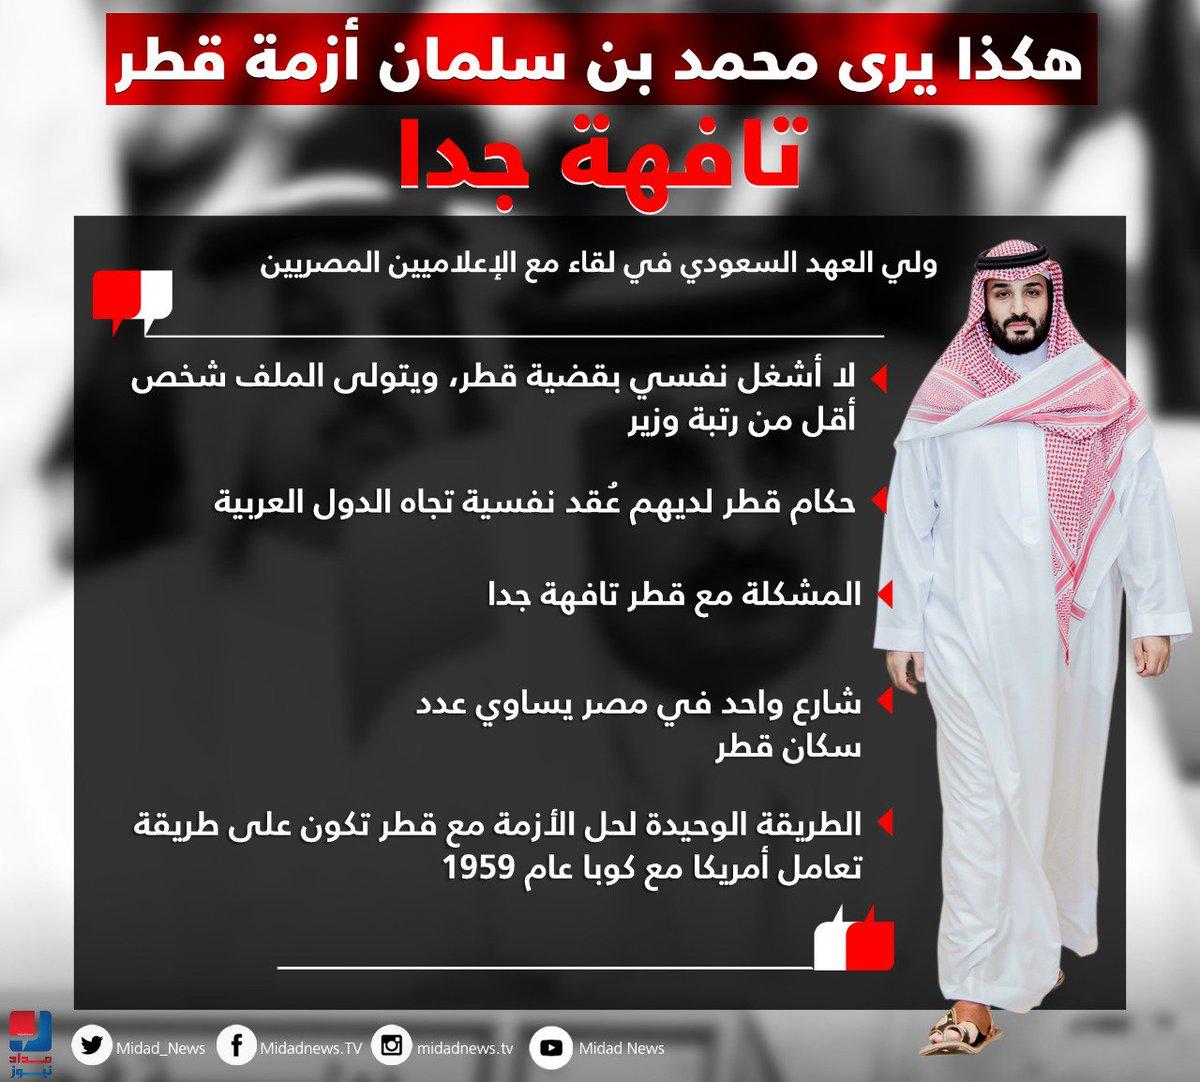 #مداد_نيوز| أزمة #قطر تافهة جدا جدا جدا...